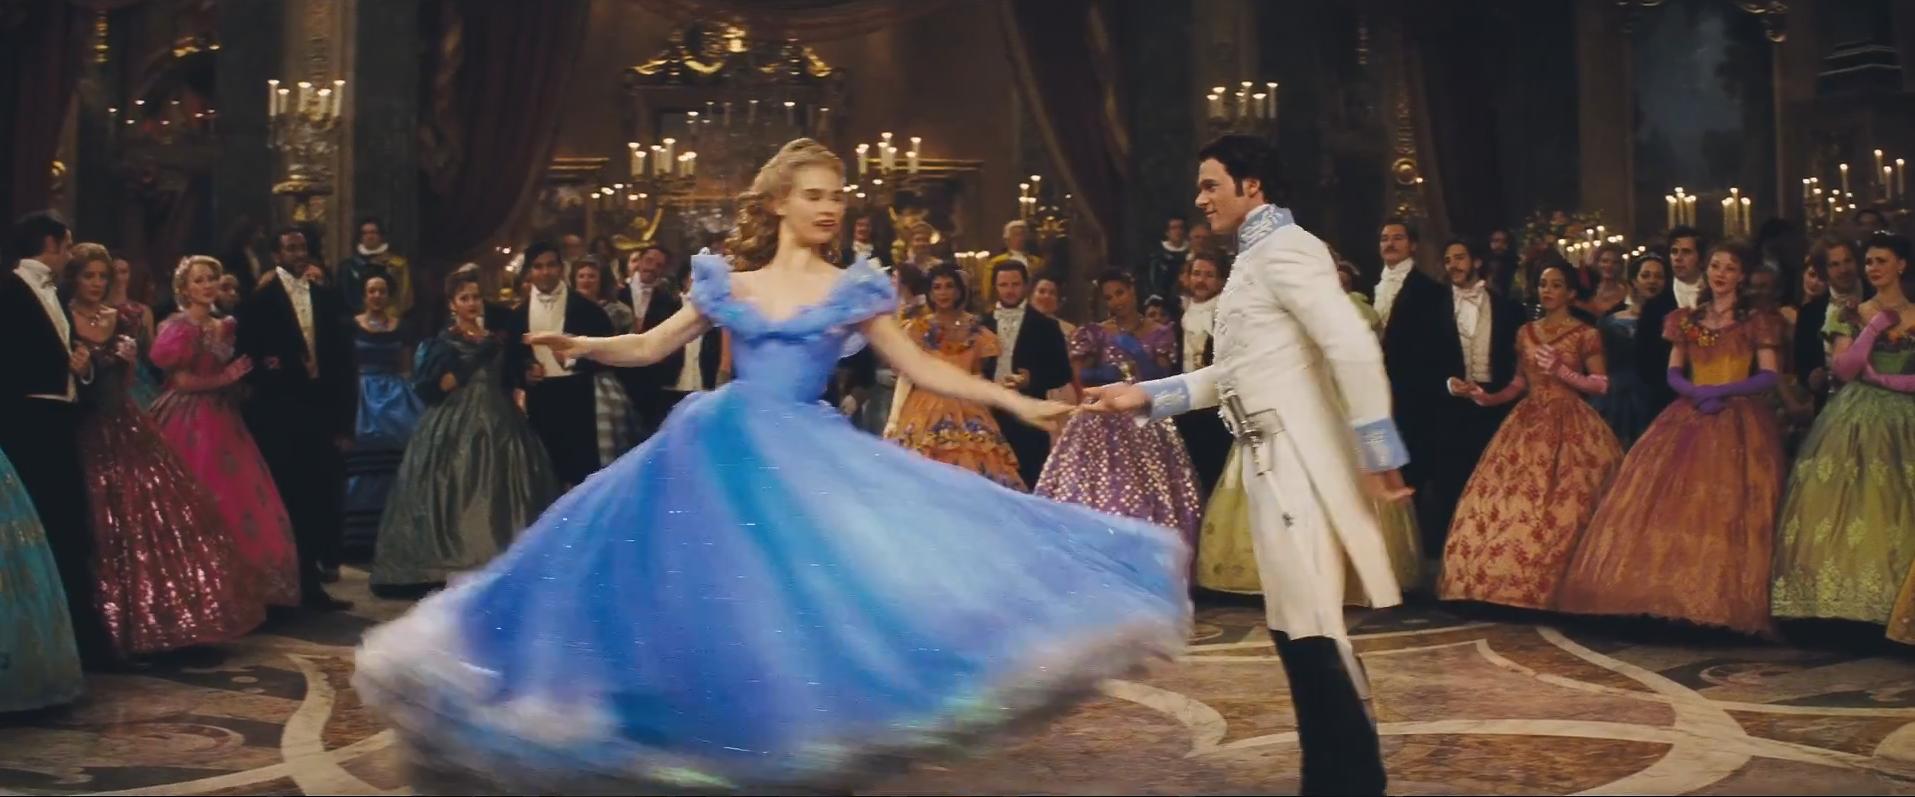 Disney Cinderella Crying  me so upset when cinderella is